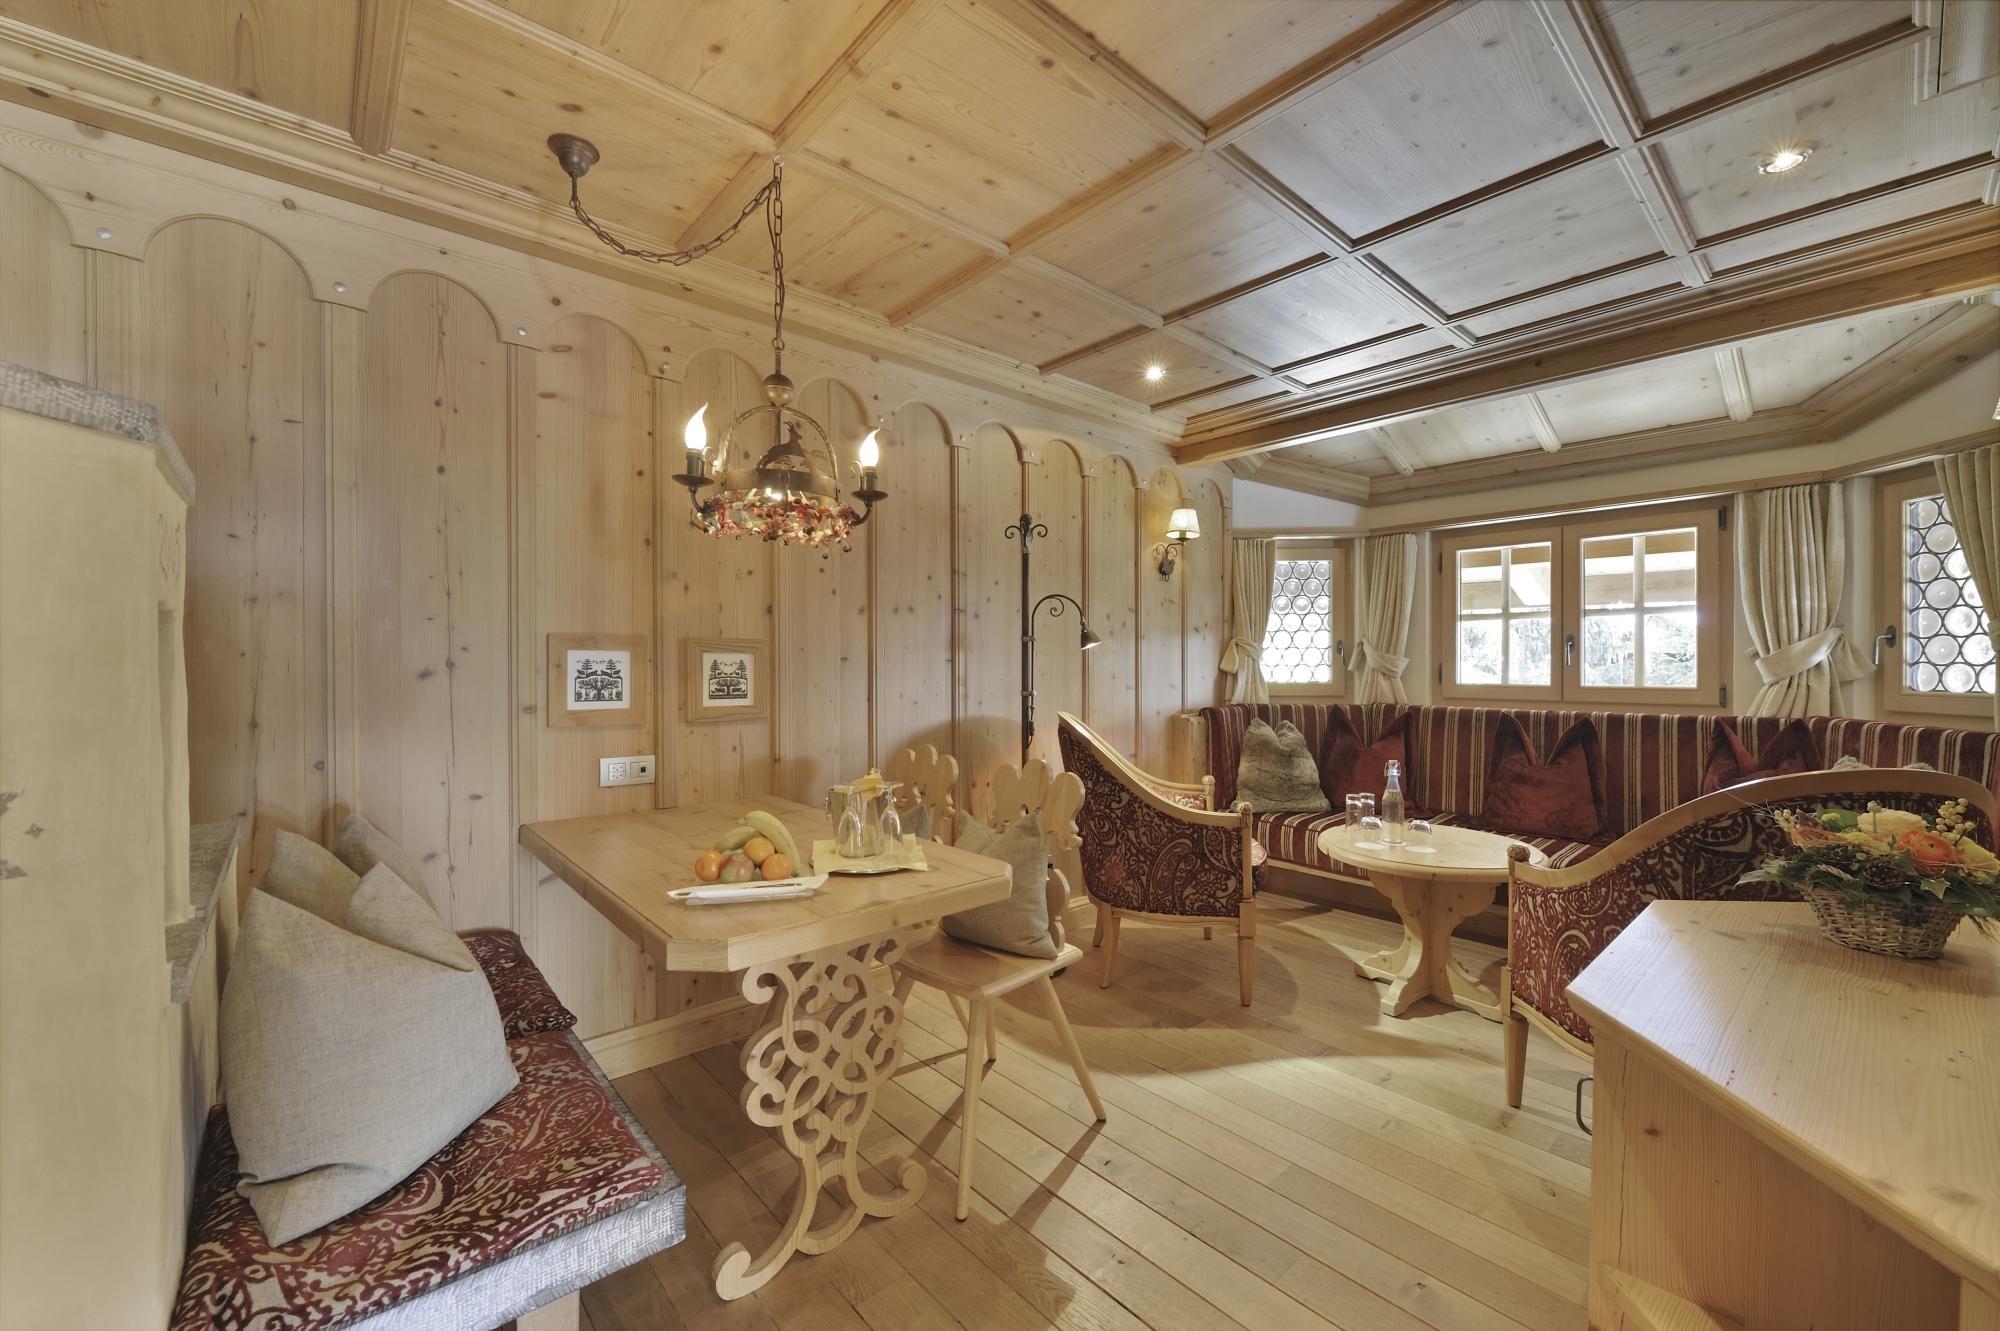 Home design bilder im freien wellness ermitage schönried ob gstaad entspannungsoase  nzz